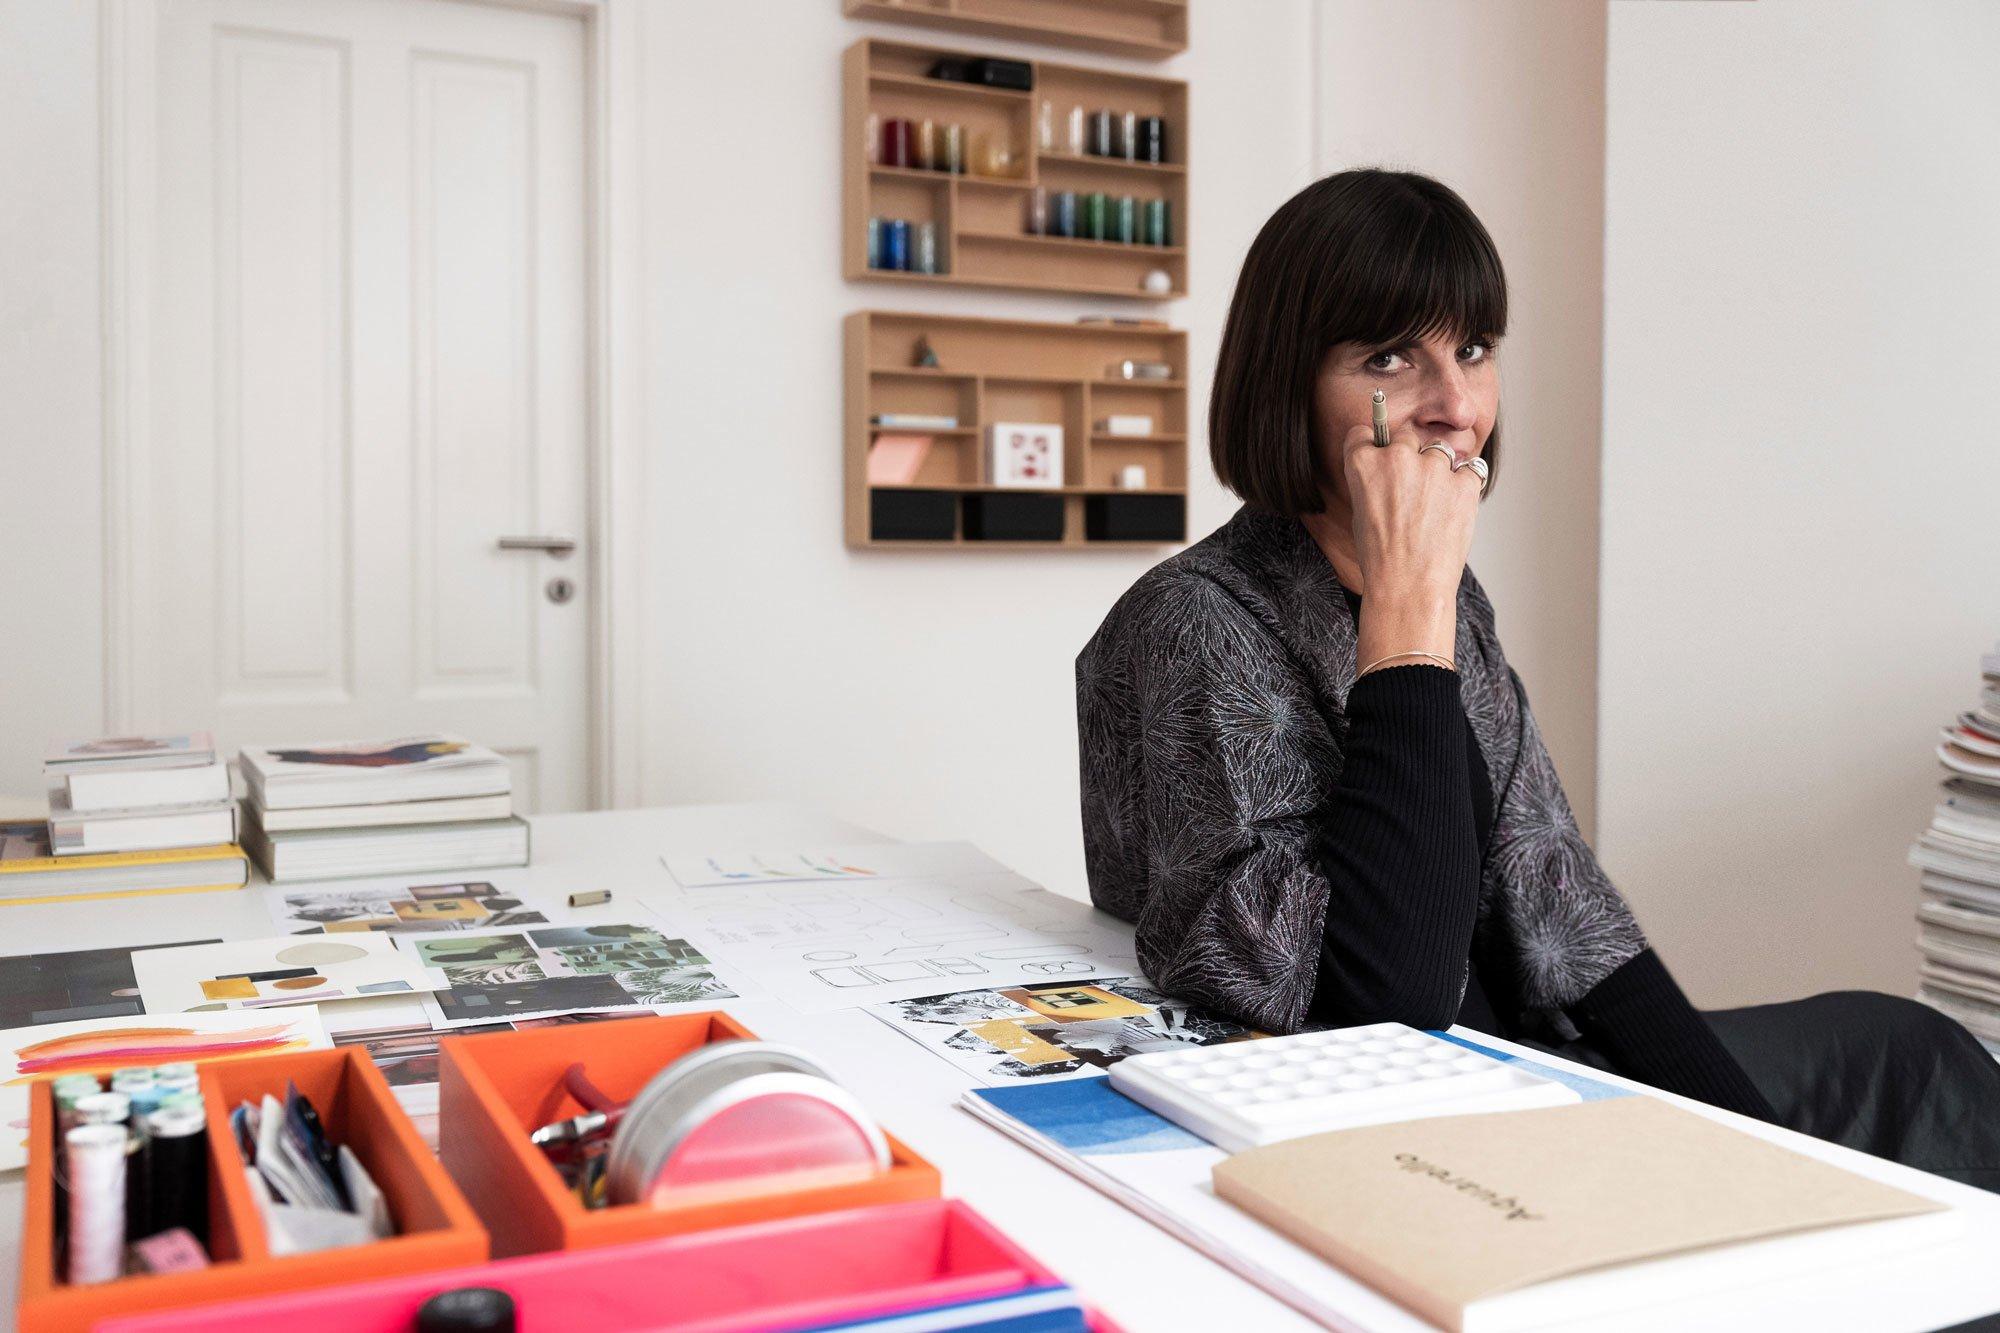 Carolin Sangha, Kreativdirektorin von Schönbuch, spricht im Interview über die Garderobe als Wohnraum, neue Farbwelten und ihren Bezug zur Mode. Foto: Daniel Breidt